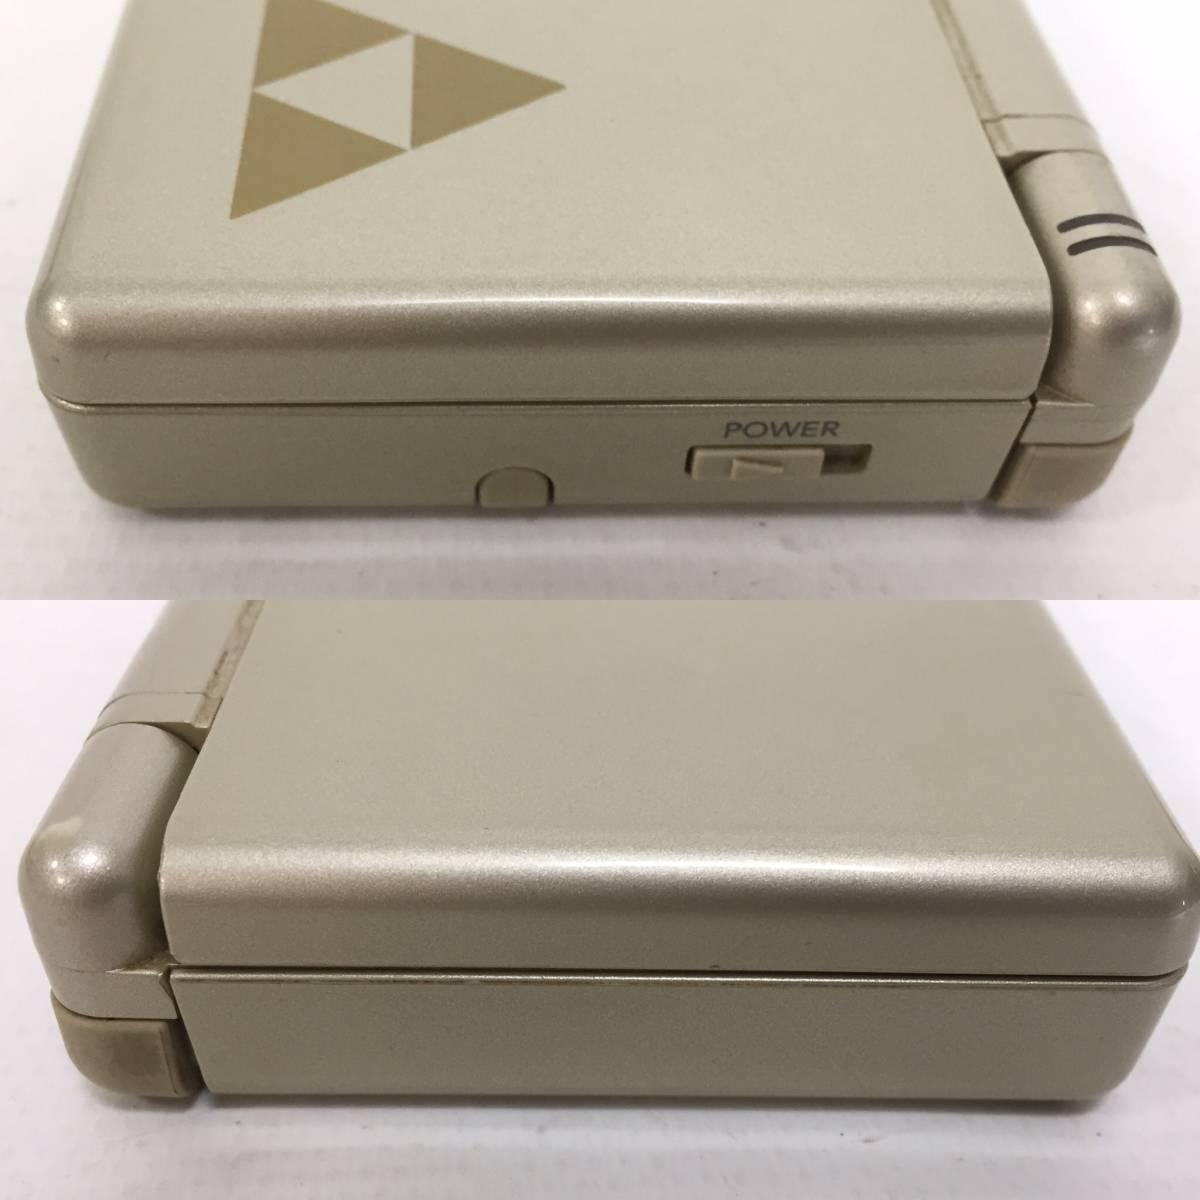 ニンテンドー DS Lite 本体 ゴールド DSライト ゼルダの伝説仕様 海外版 北米版 タッチペン アダプター 取説 箱付 動作品 Nintendo1904414_画像8